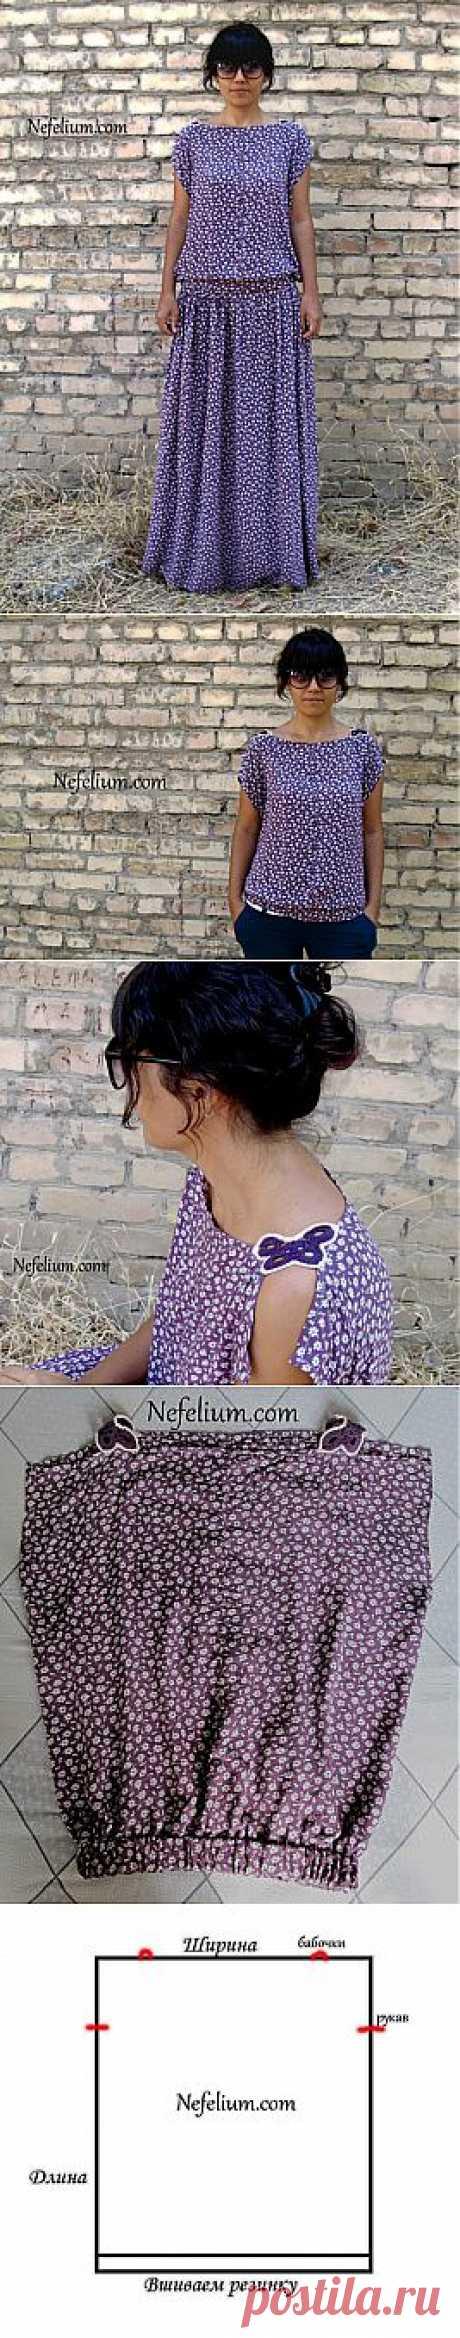 Очень простая выкройка стильного платья (Diy) / Простые выкройки /